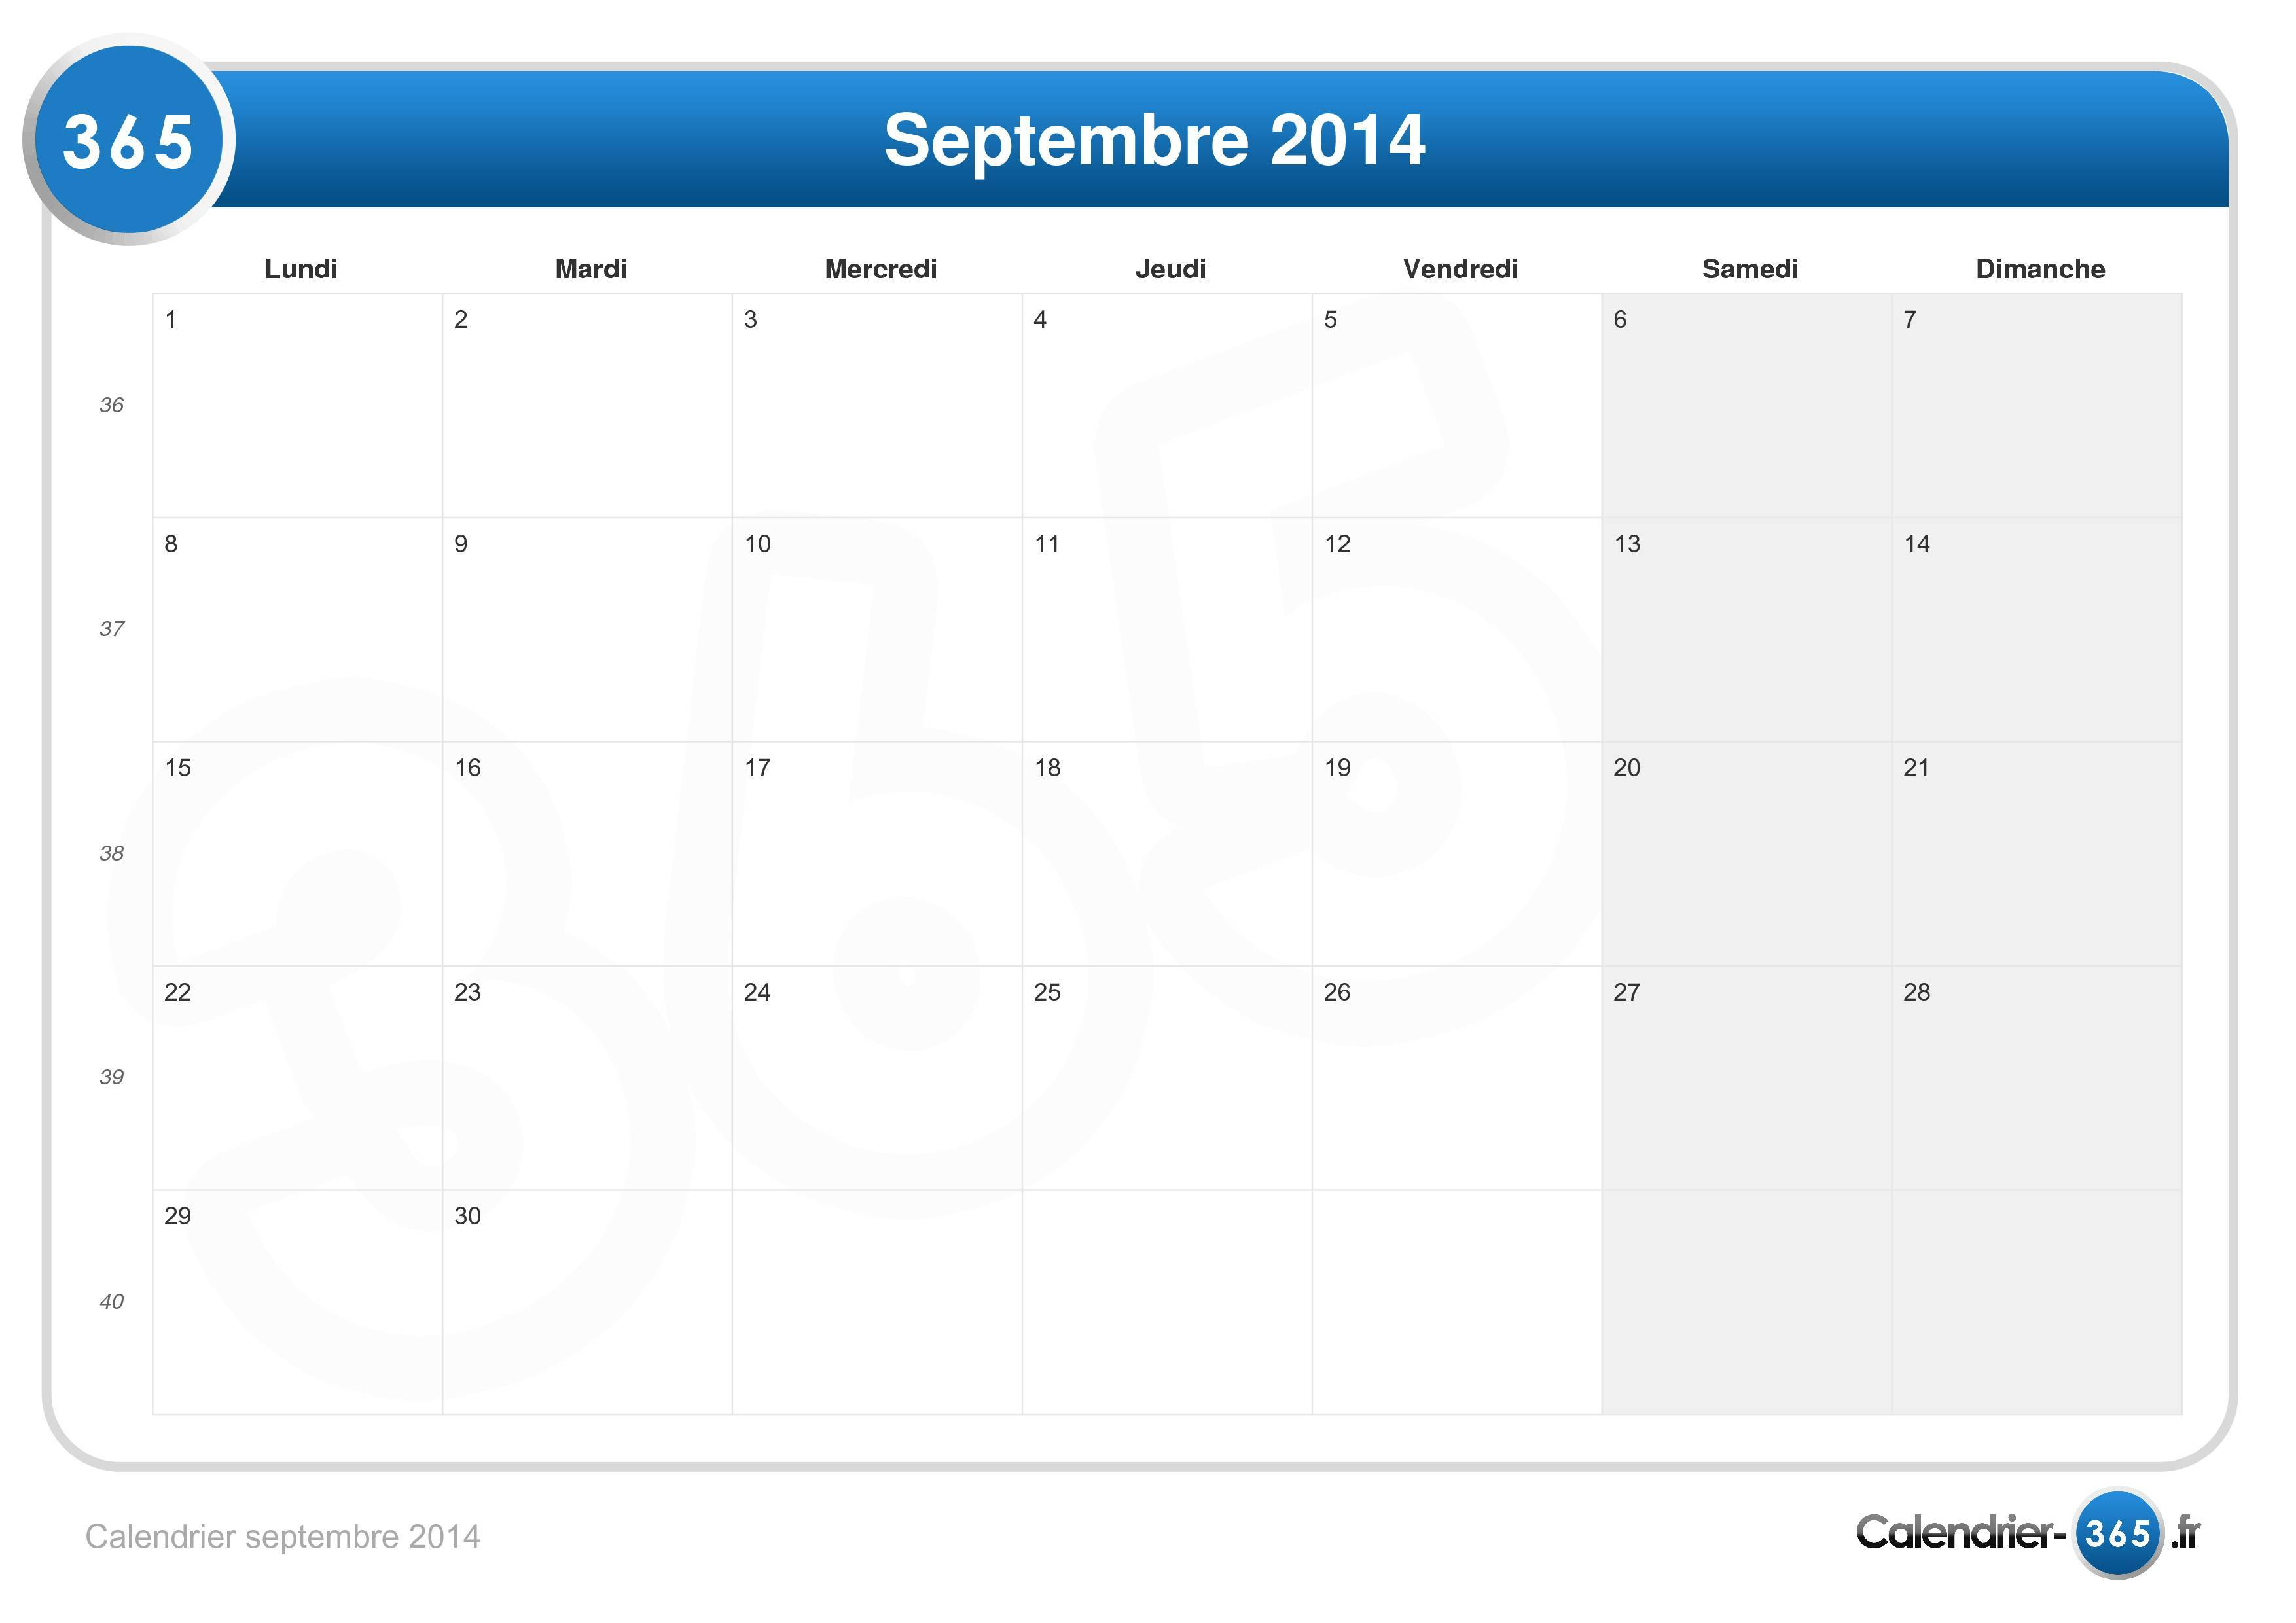 Calendrier septembre 2014